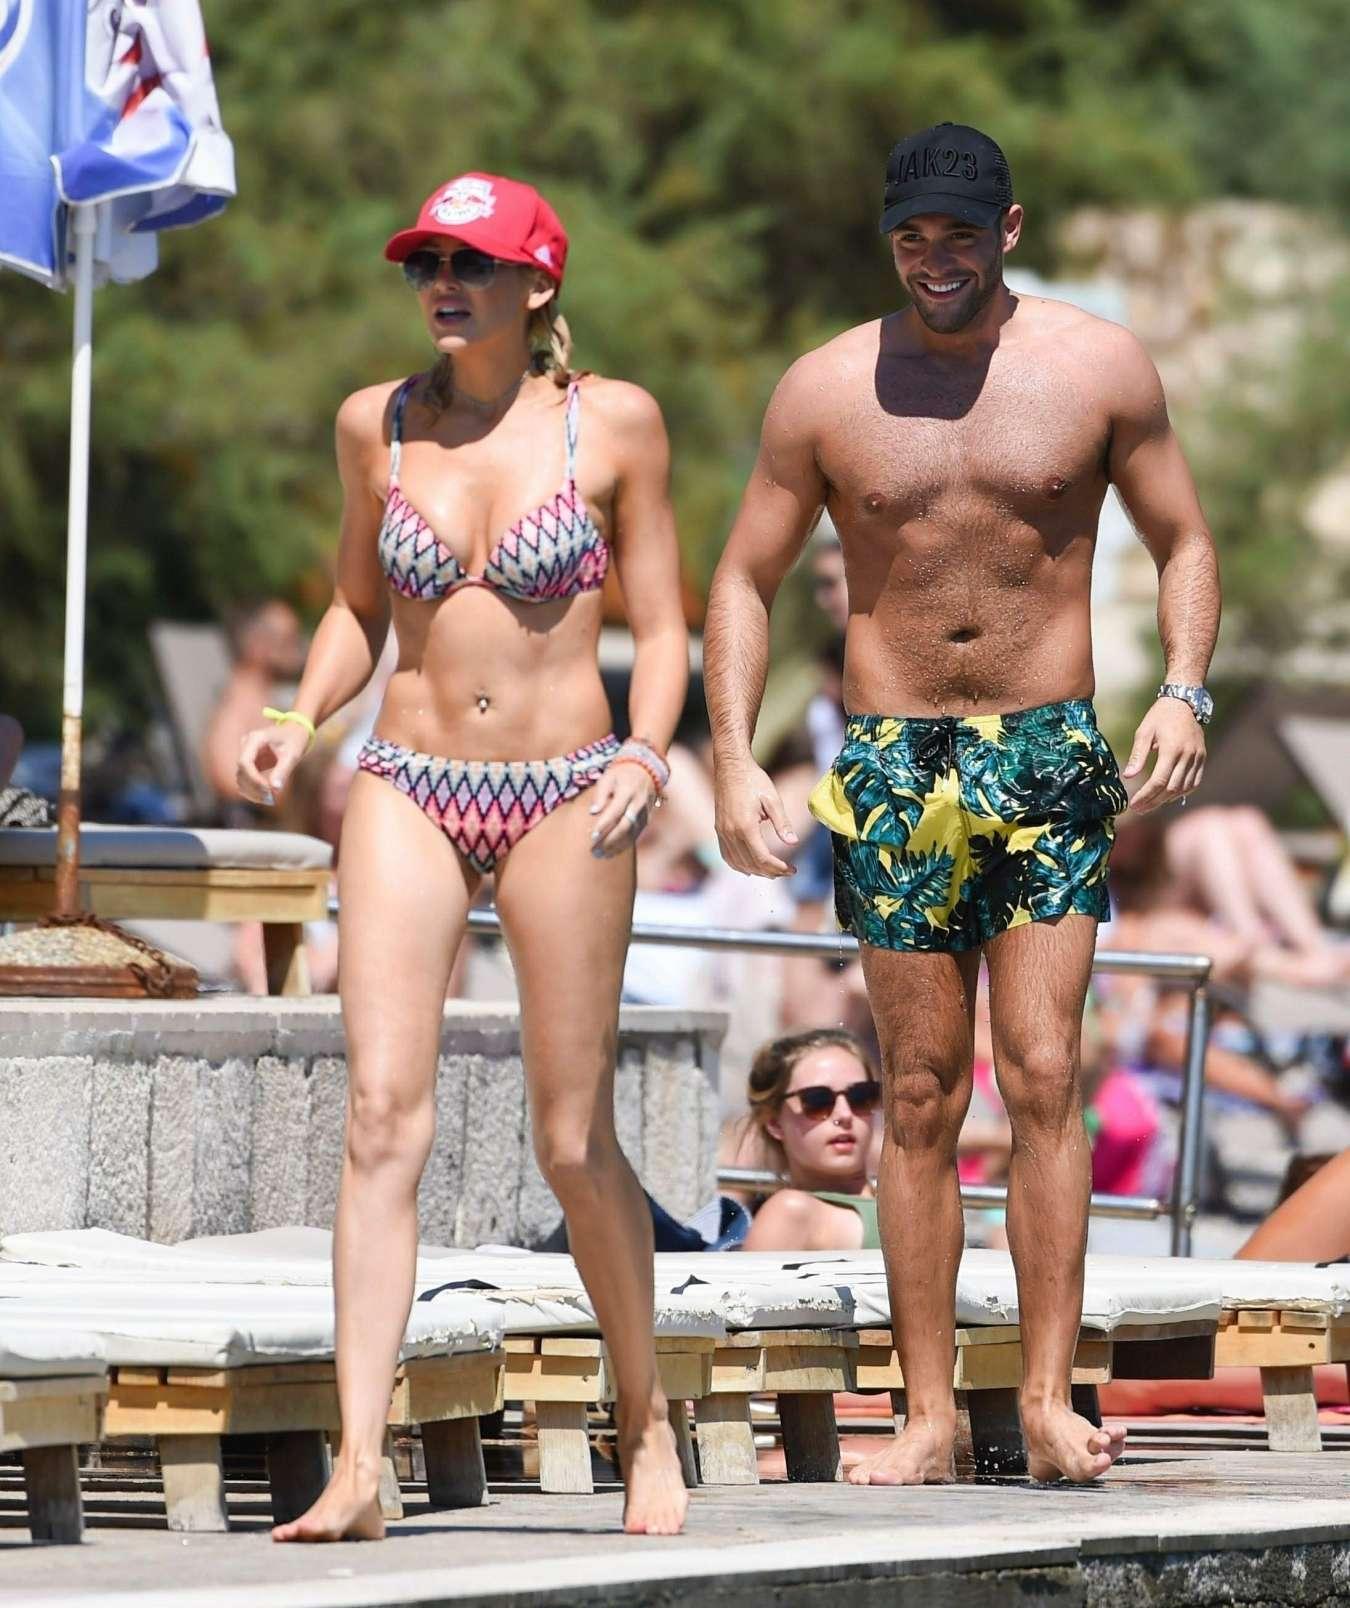 Stephanie Pratt 2017 : Stephanie Pratt: Bikini on holiday in Croatia -22